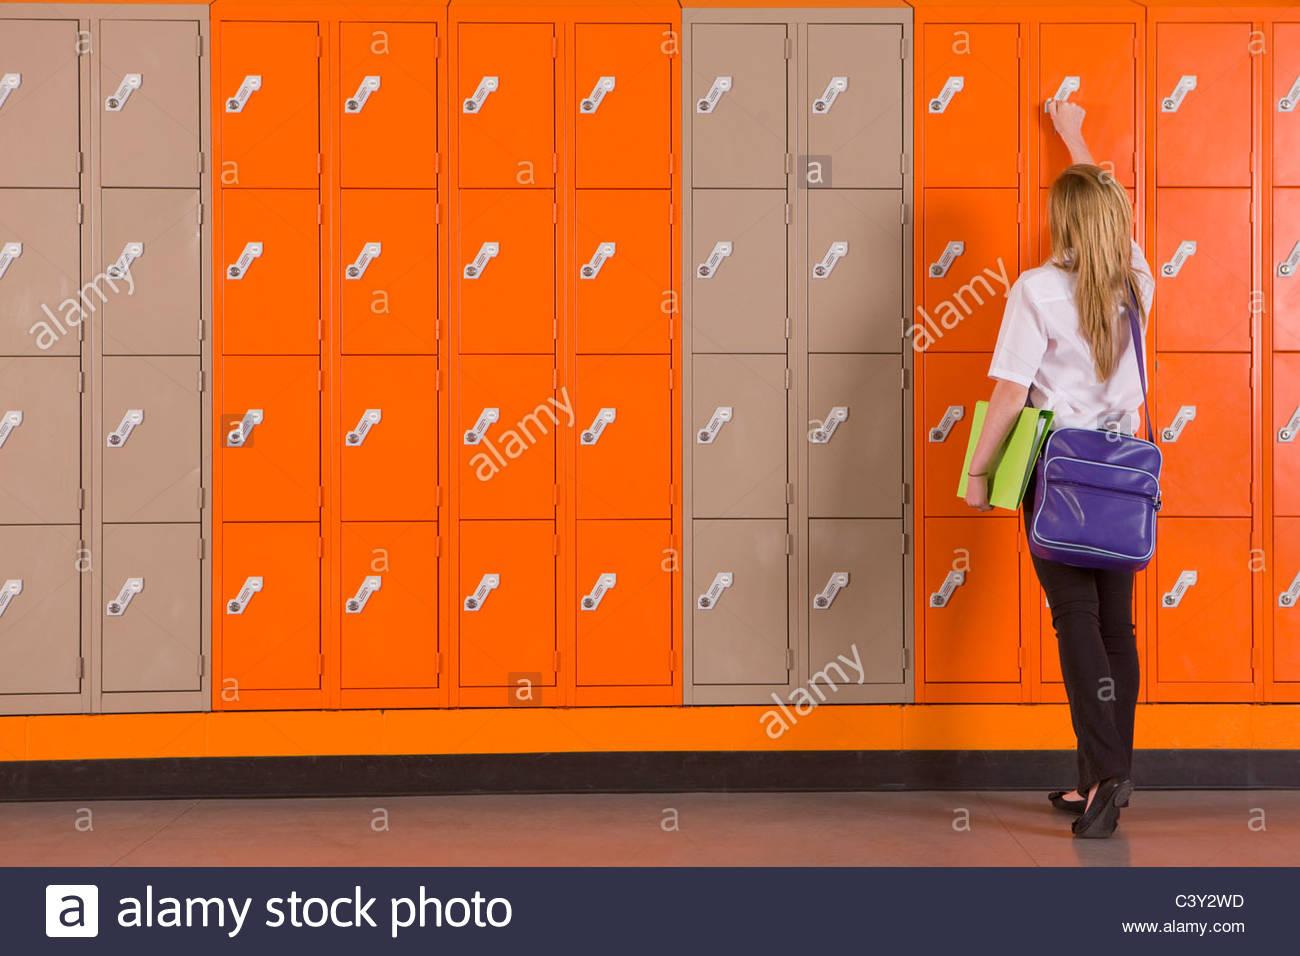 Estudiante de escuela de desbloqueo locker Imagen De Stock